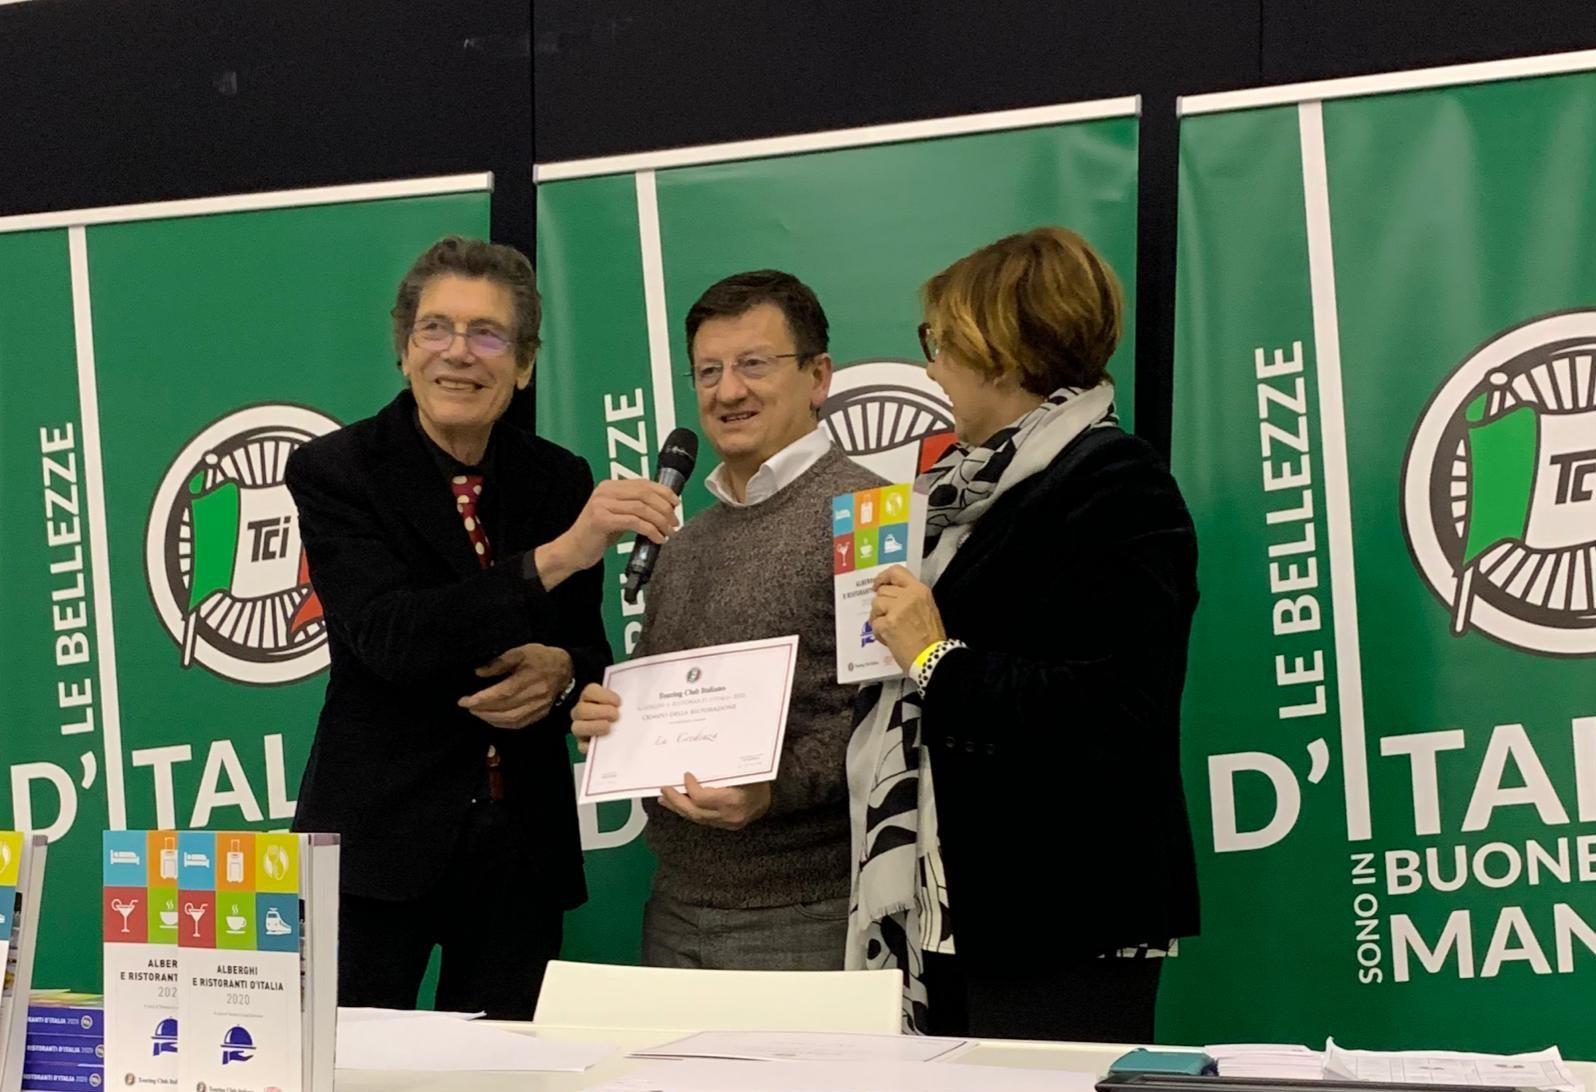 La Credenza e Casa Format premiati dal Touring Club Italiano